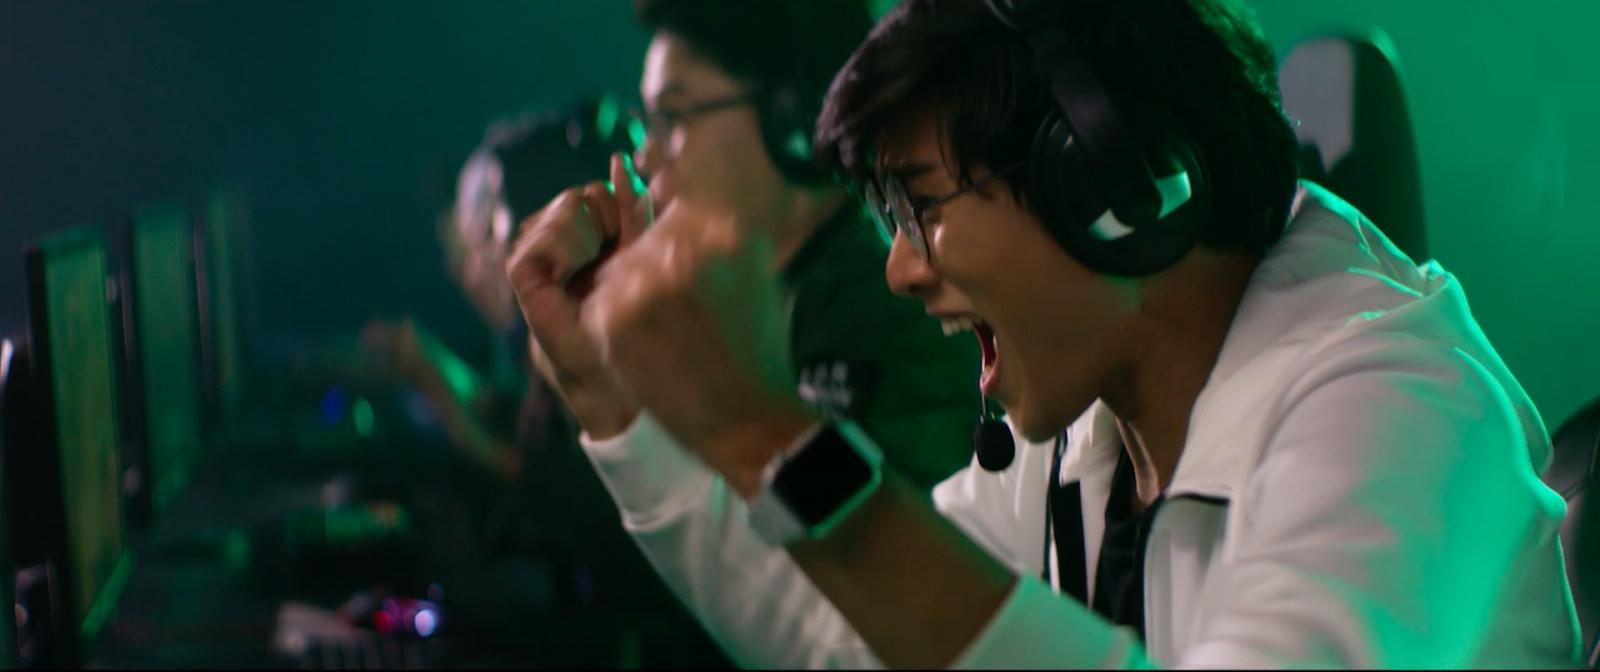 16 ก.ย.นี้ AIS พร้อมเปิดสังเวียนให้เกมเมอร์ eSports ลงประชันฝีมือ เพื่อชิงรางวัลรวมกว่า 9.9 ล้าน และเป็นตัวแทนประเทศไทยไปประชันฝีมือเพื่อชิงแชมป์ระดับภูมิภาค ที่ประเทศสิงค์โปร์